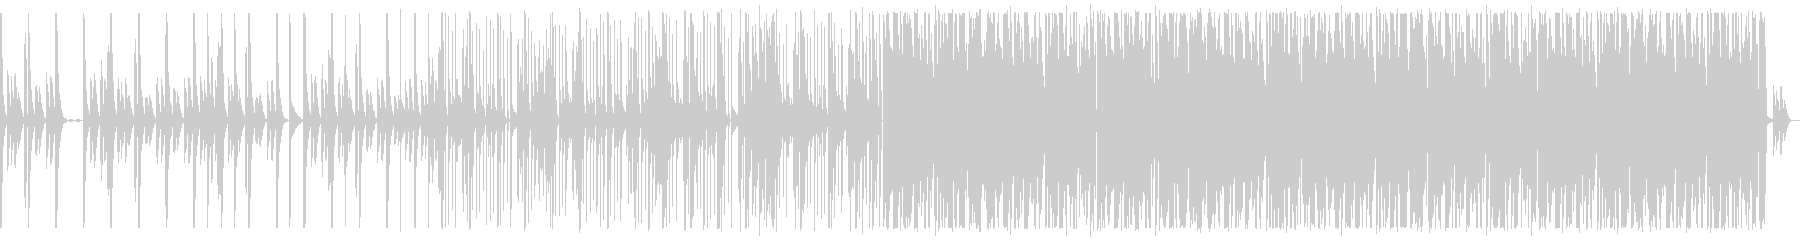 フューチャーベース_No627_3の未再生の波形